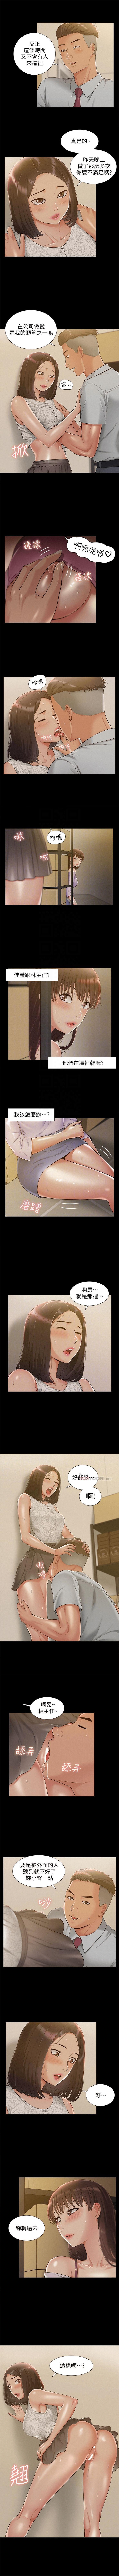 (周4)难言之隐 1-20 中文翻译(更新中) 70